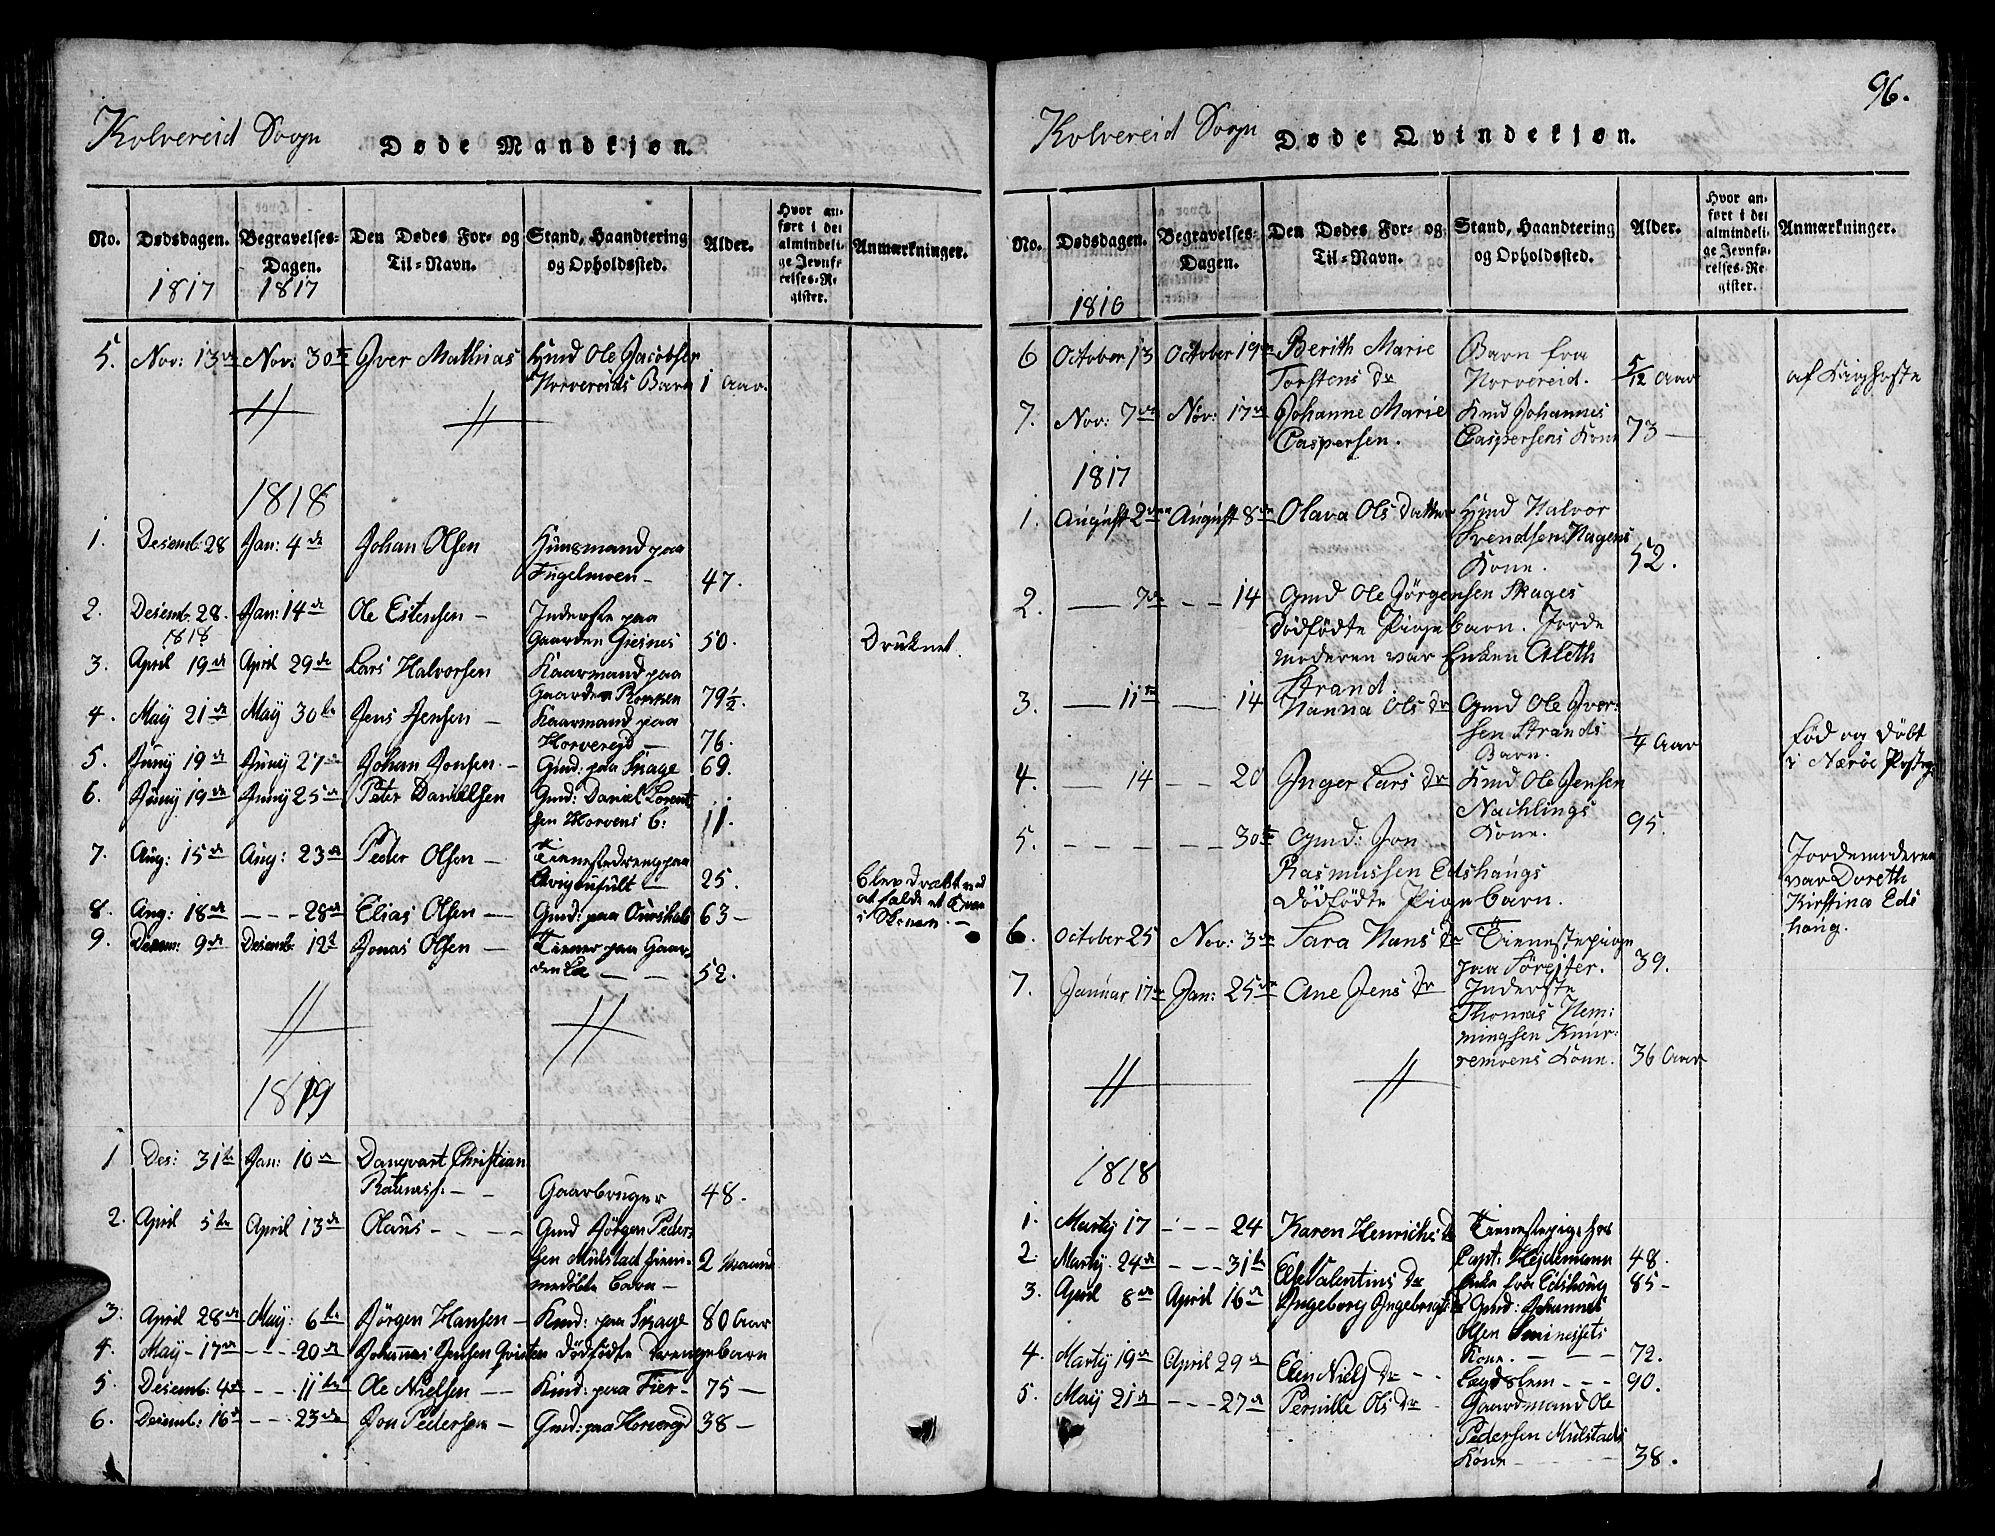 SAT, Ministerialprotokoller, klokkerbøker og fødselsregistre - Nord-Trøndelag, 780/L0648: Klokkerbok nr. 780C01 /1, 1815-1870, s. 96